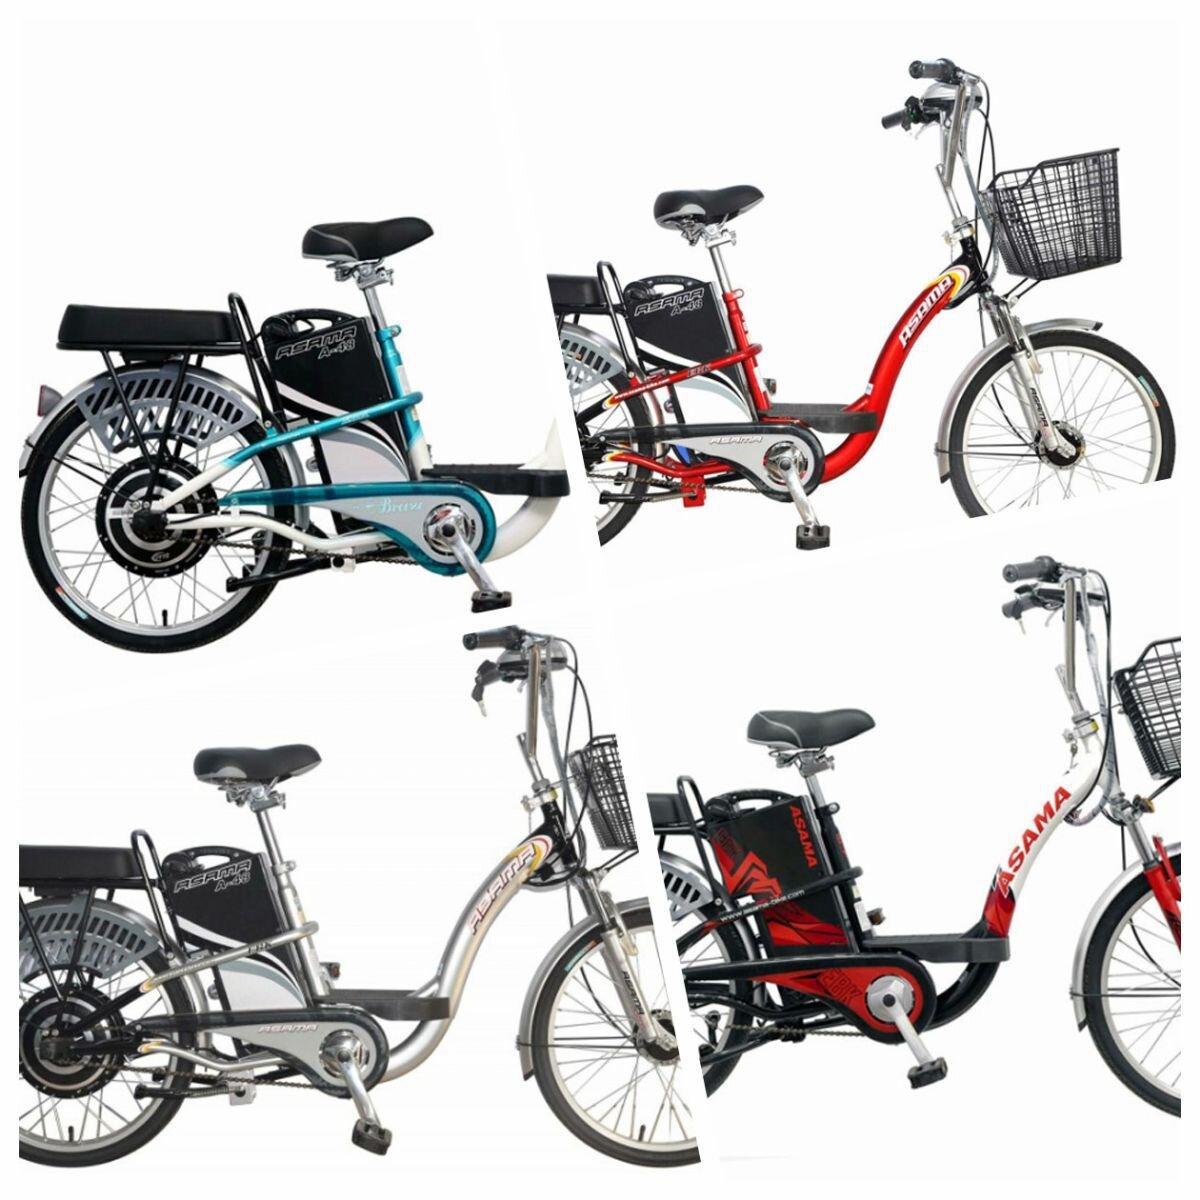 Xe đạp điện Asama nên mua tại các đại lý chính hãng được ủy quyền